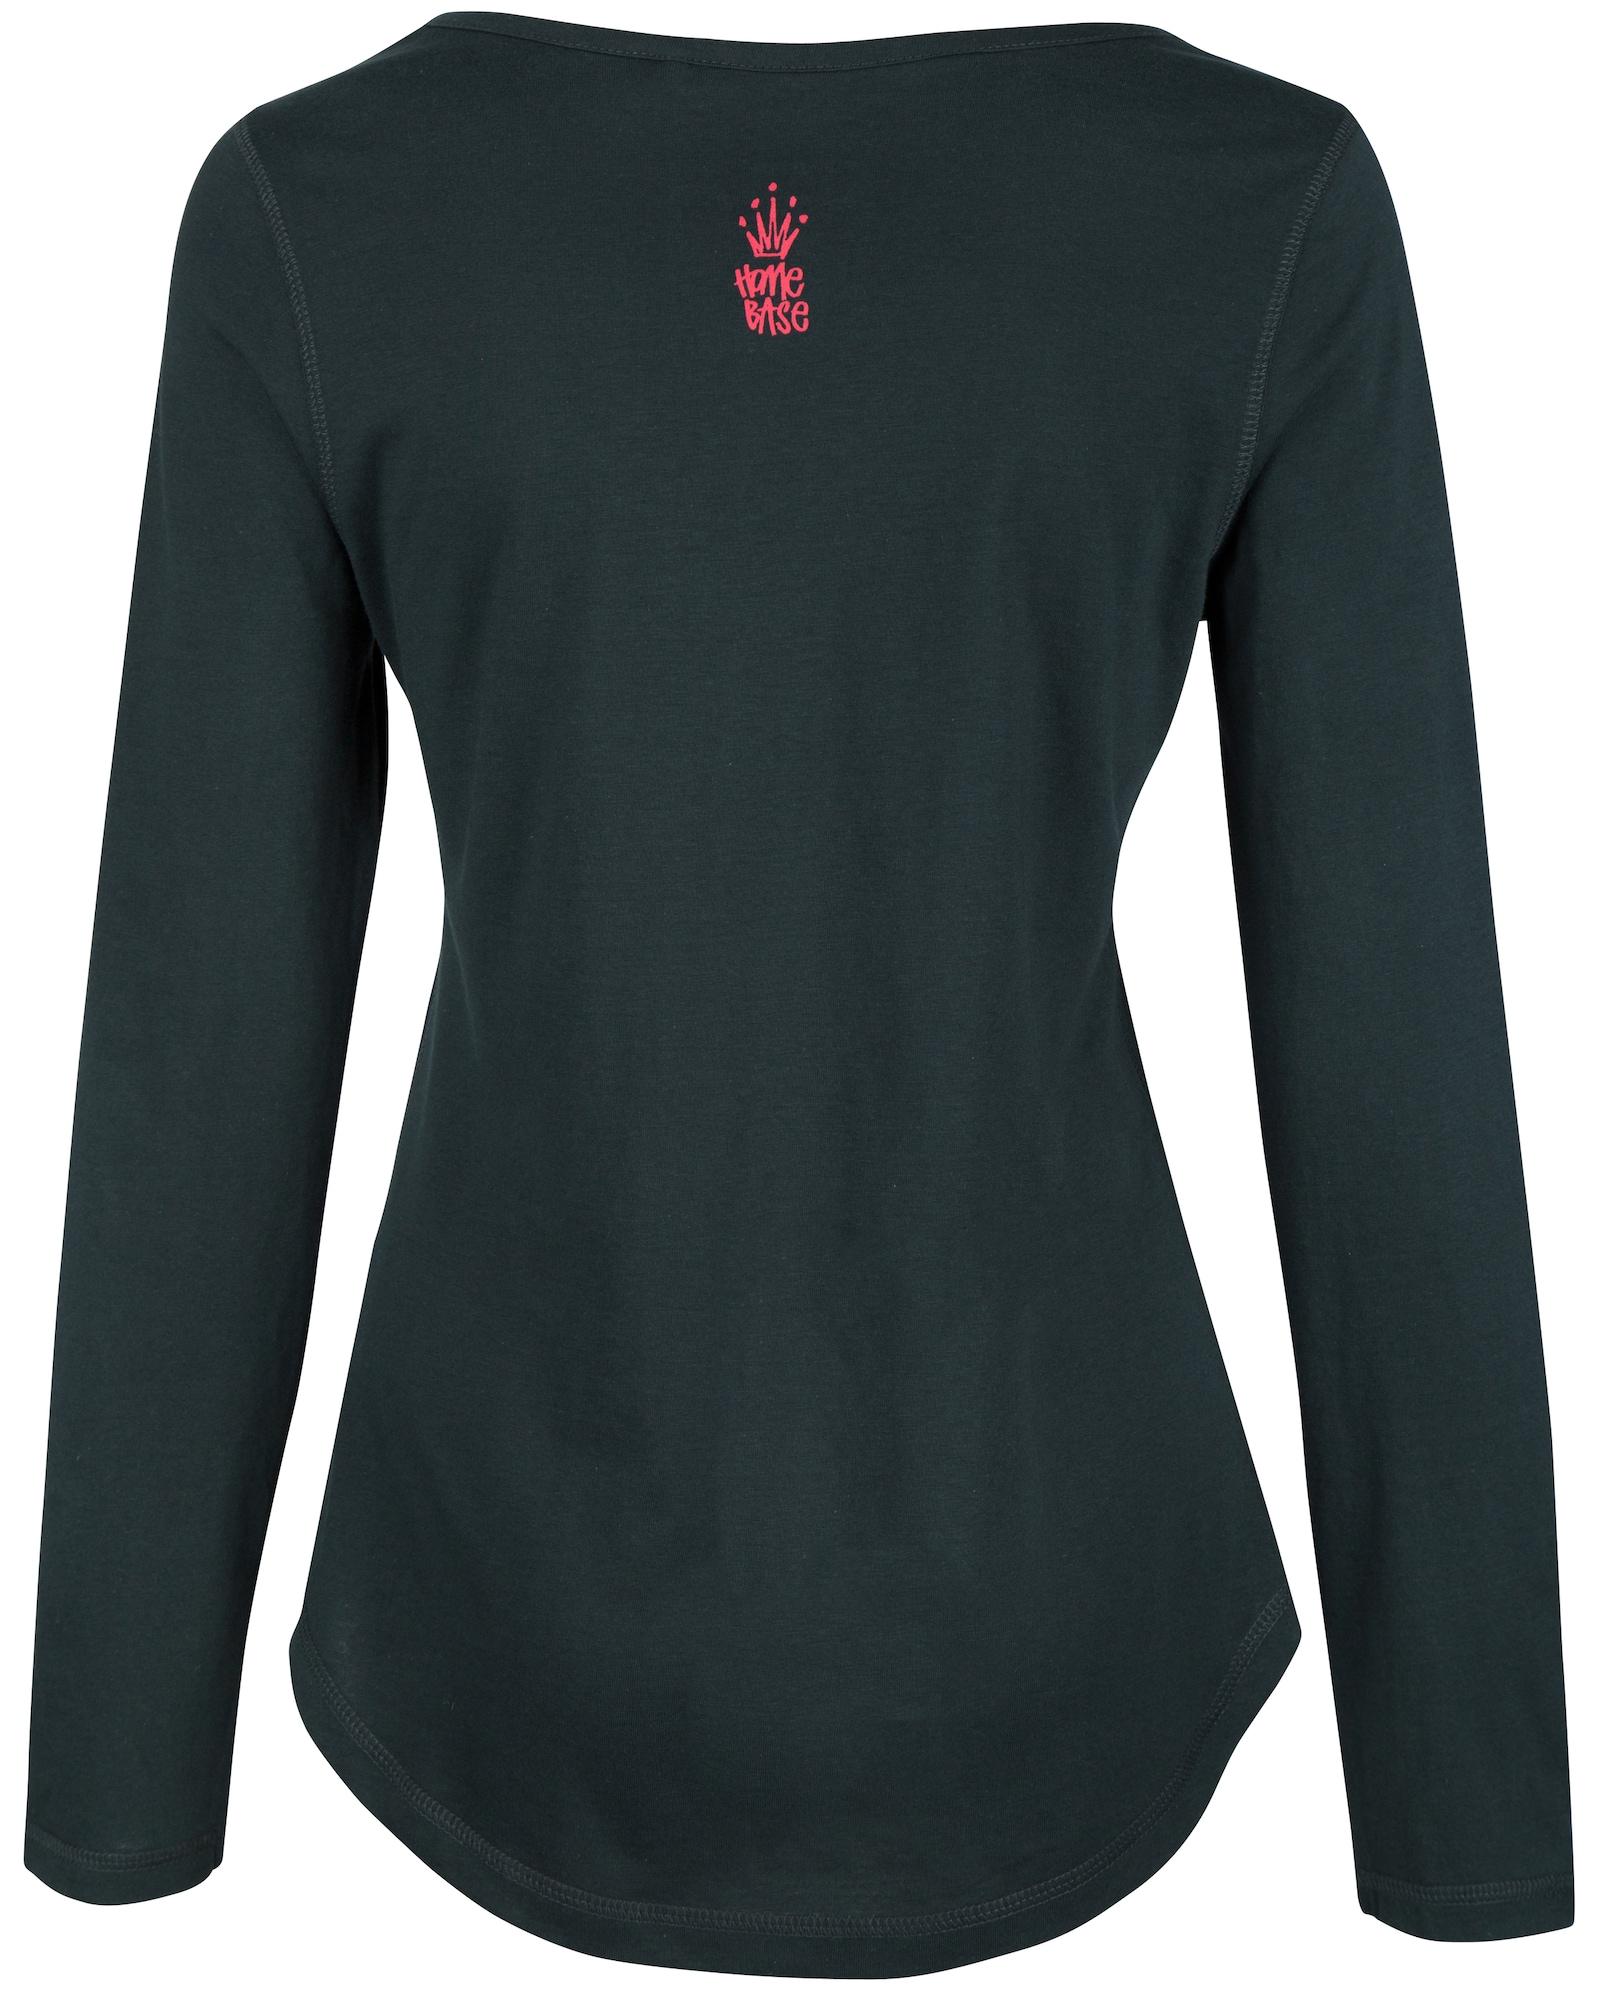 HOMEBASE, Damen Shirt Brandalised, groen / spar / donkergroen